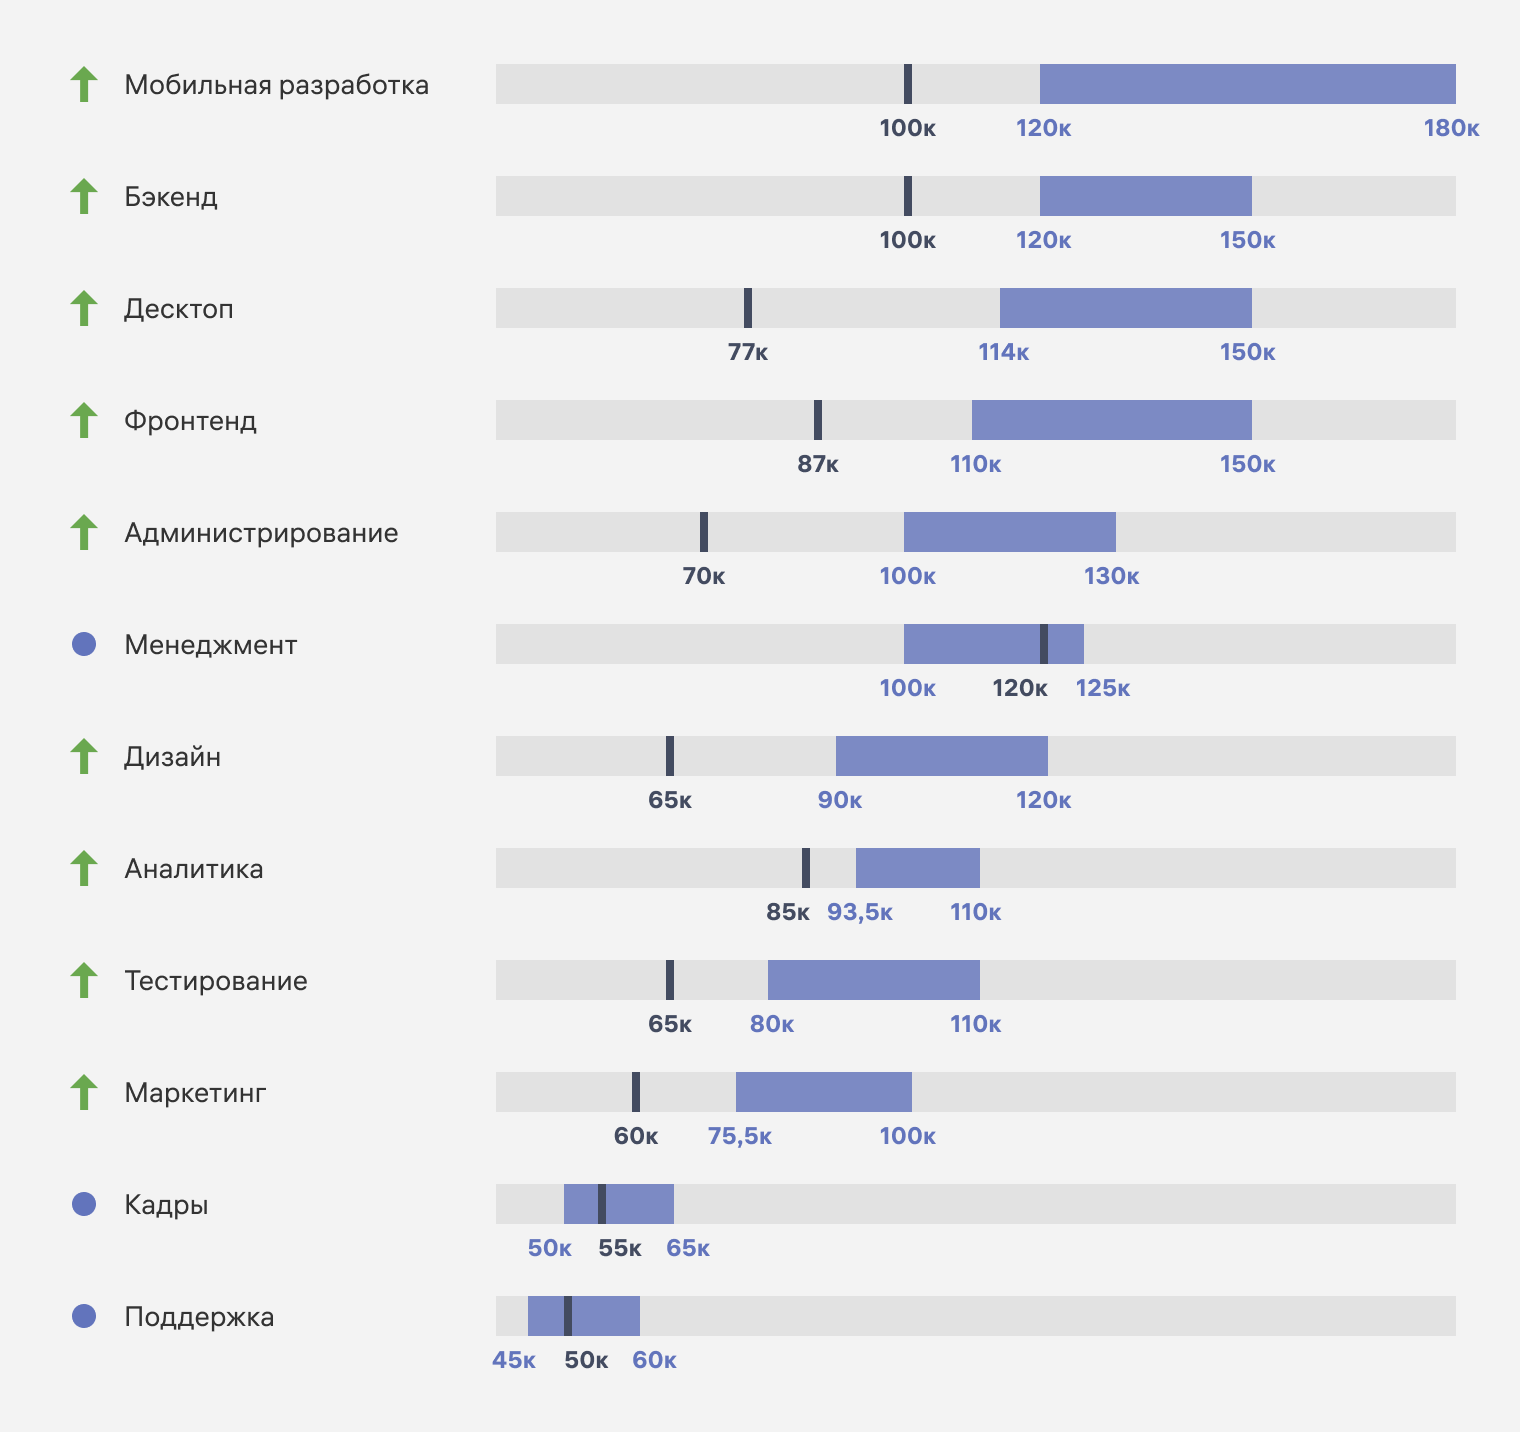 Спрос на специализации в российских регионах